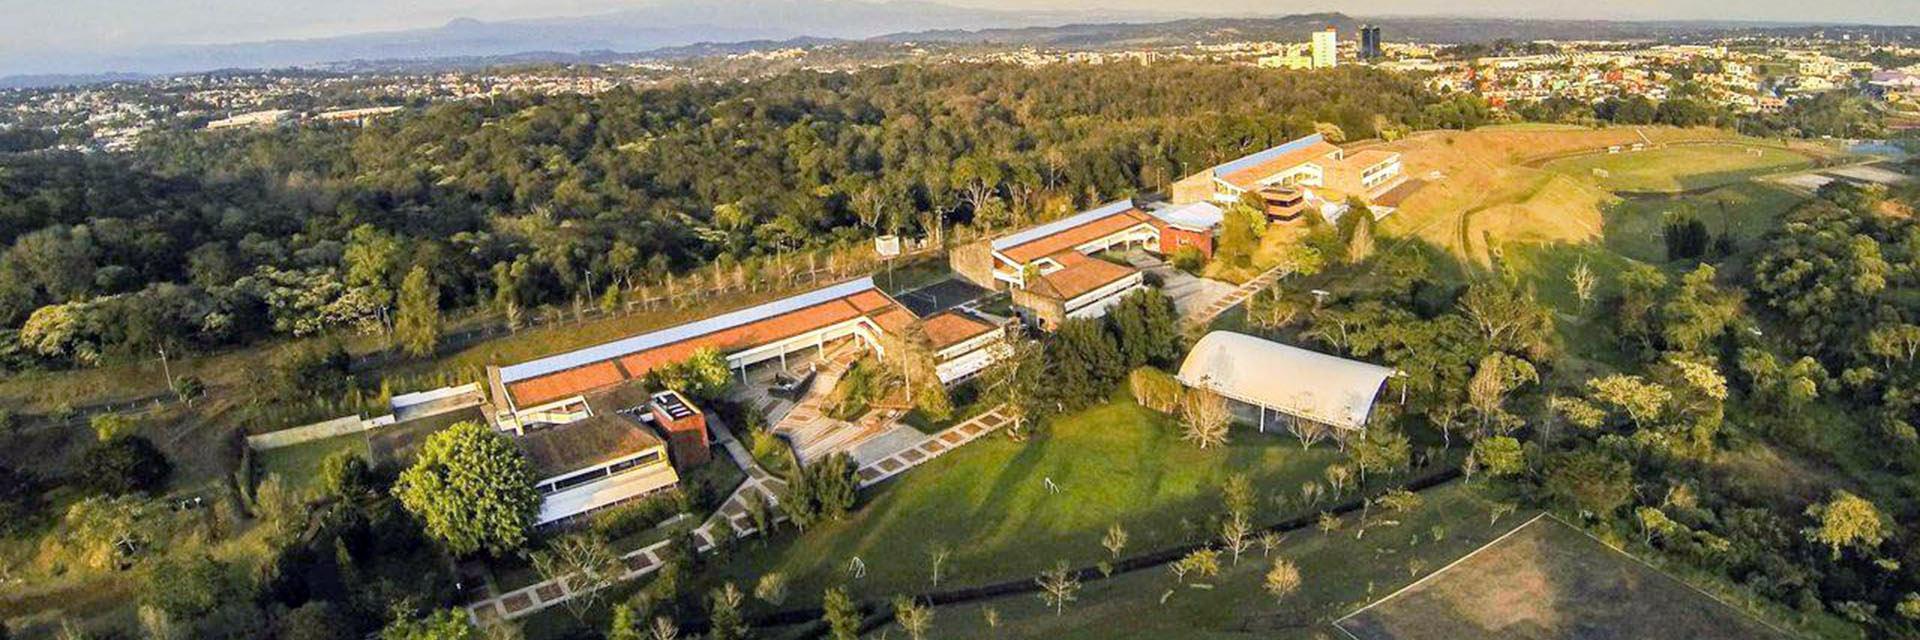 2014 / Campus actual.